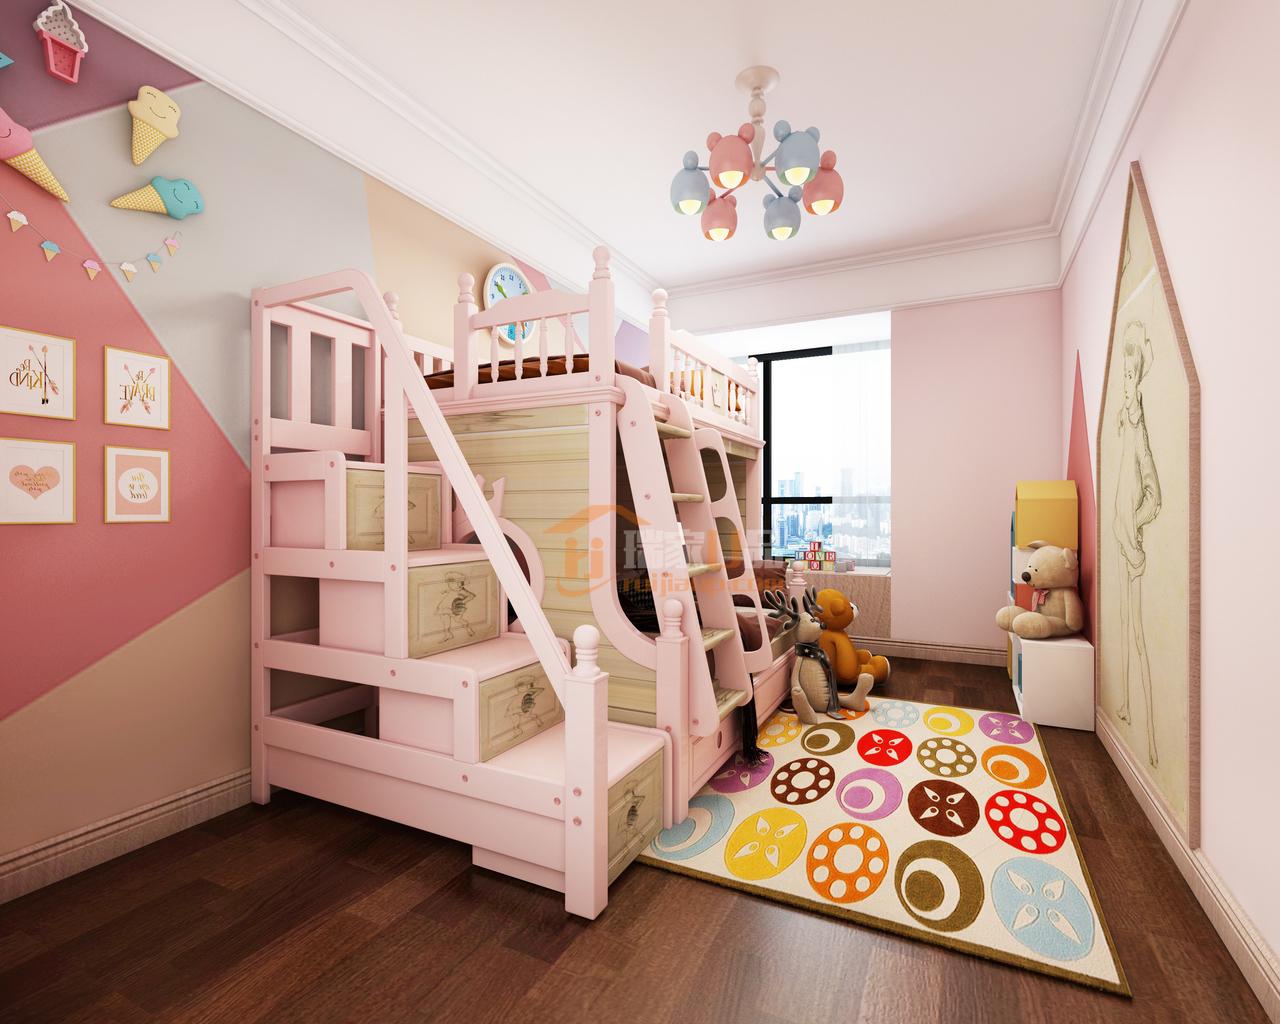 粉色,赋予房间一种梦幻色彩,唯美朦胧,目之所及皆是温柔美好。 上下两层的小床,足够孩子释放活力,同时还有收藏储纳的功能,一举两得,经济实用。不规则色块勾勒出整面背景墙,辅以精致小物件点缀,温馨可爱,恰到好处,让人一眼爱上它。